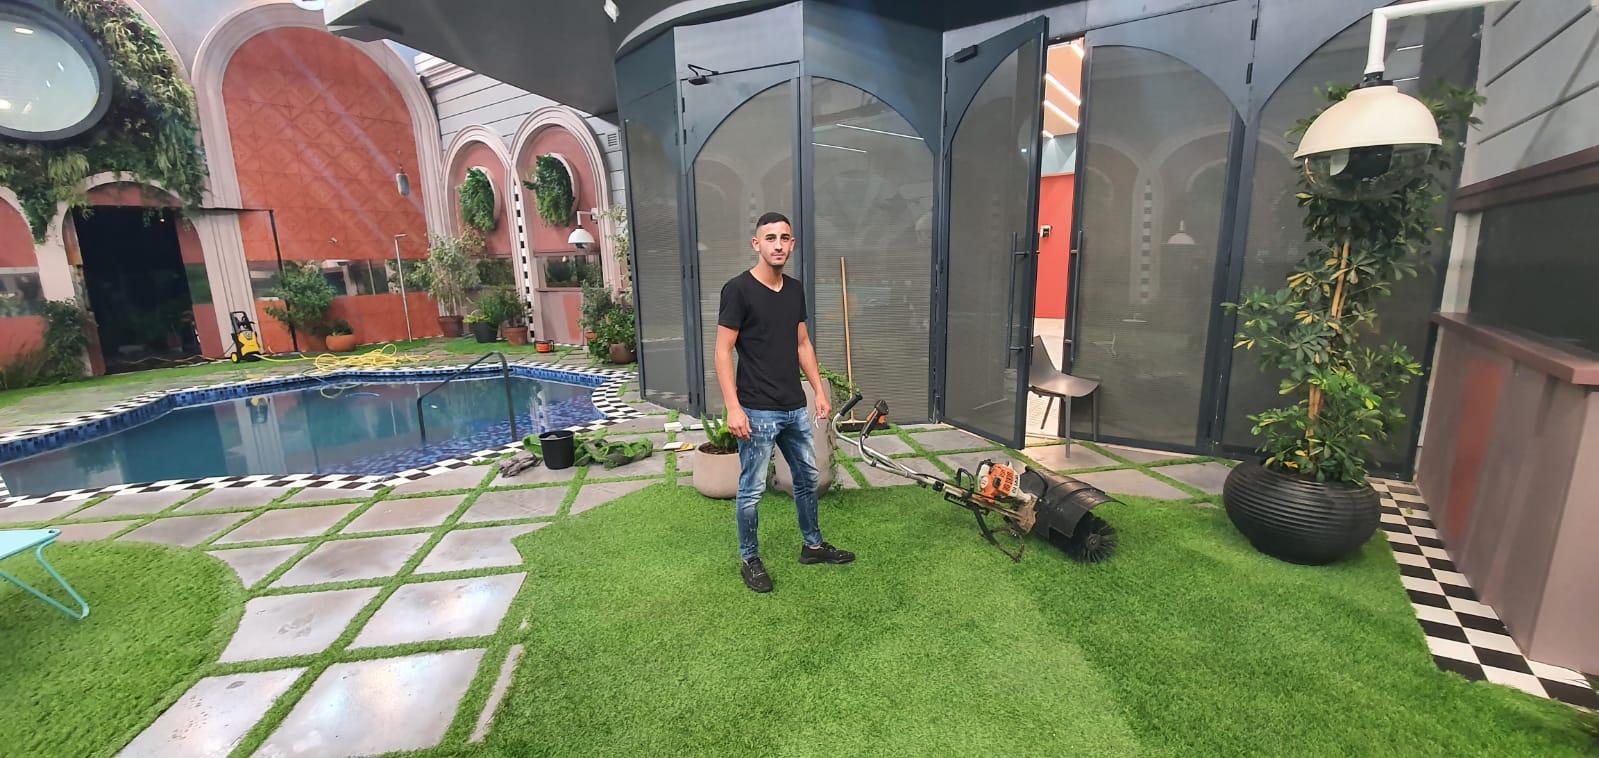 עיצוב גינה ודשא בבית האח הגדול 2020 9